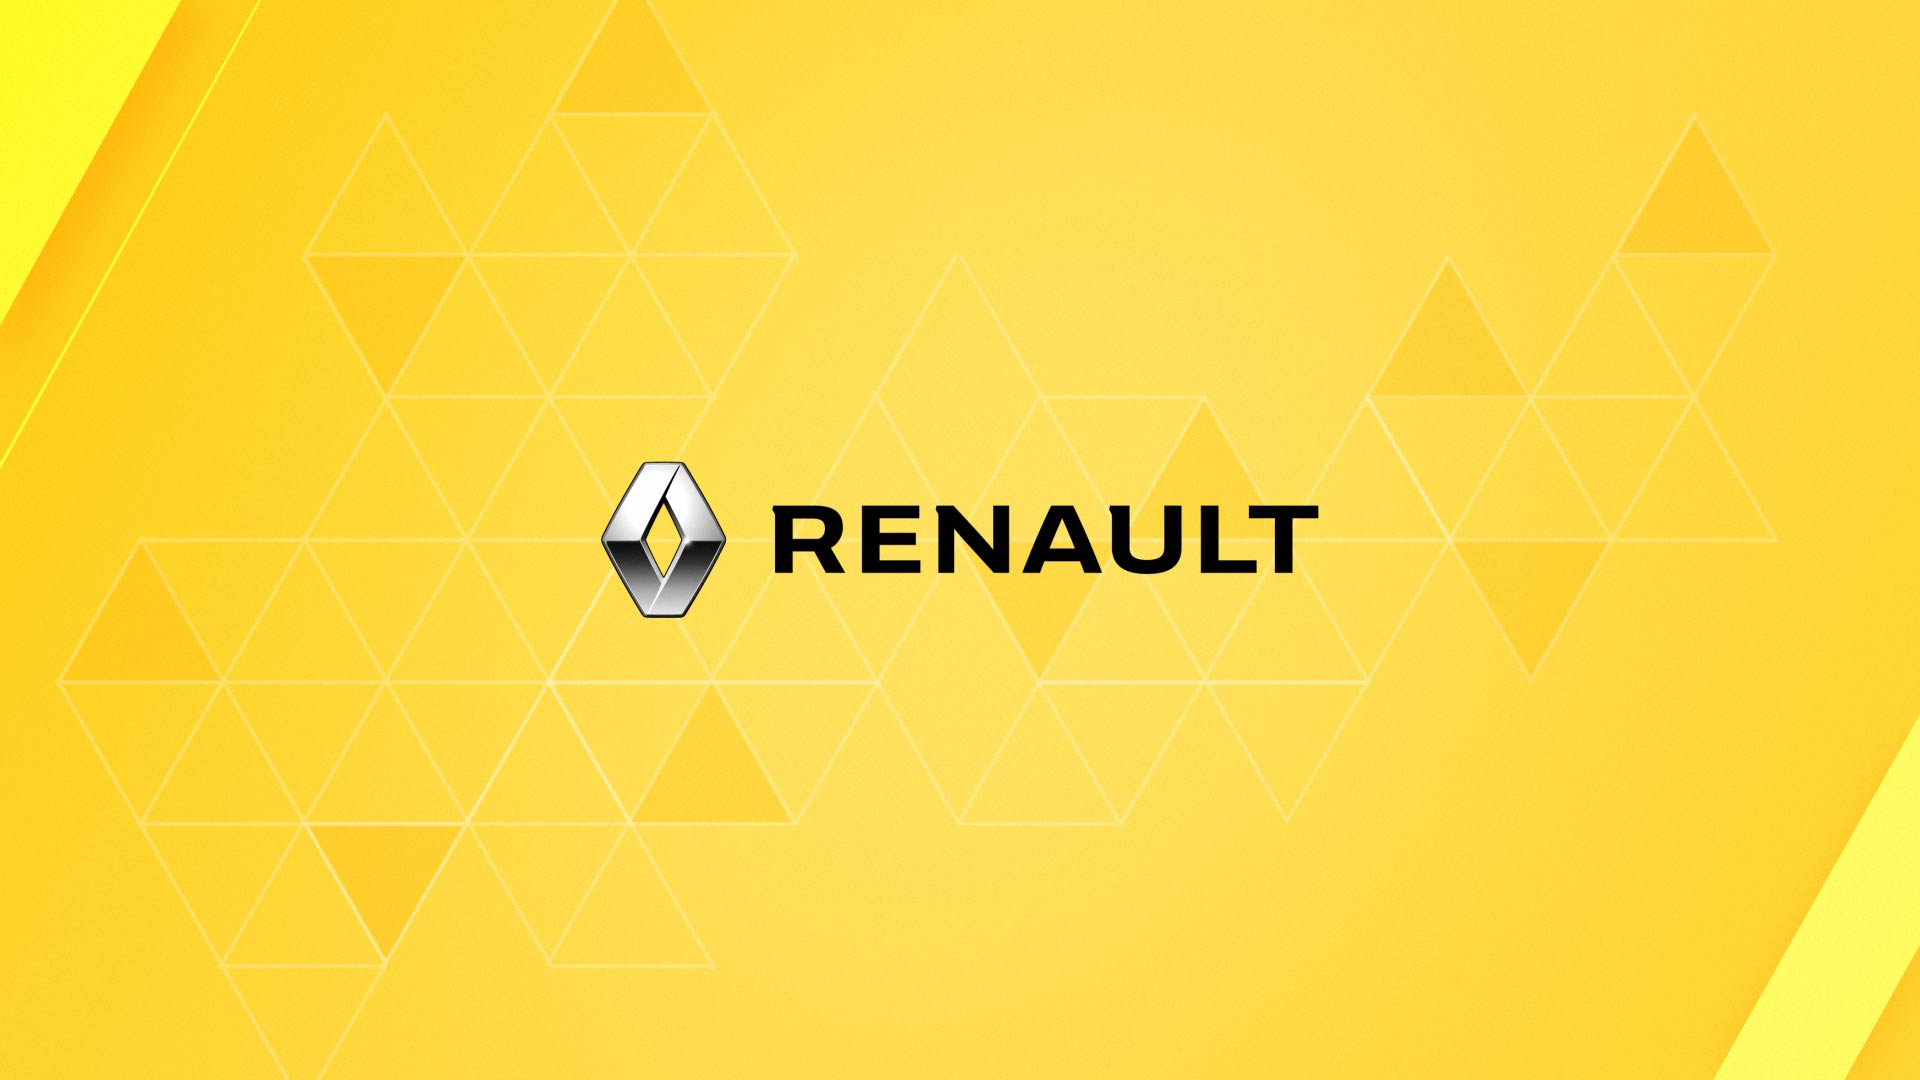 Renault_Seq01A_pm.jpg